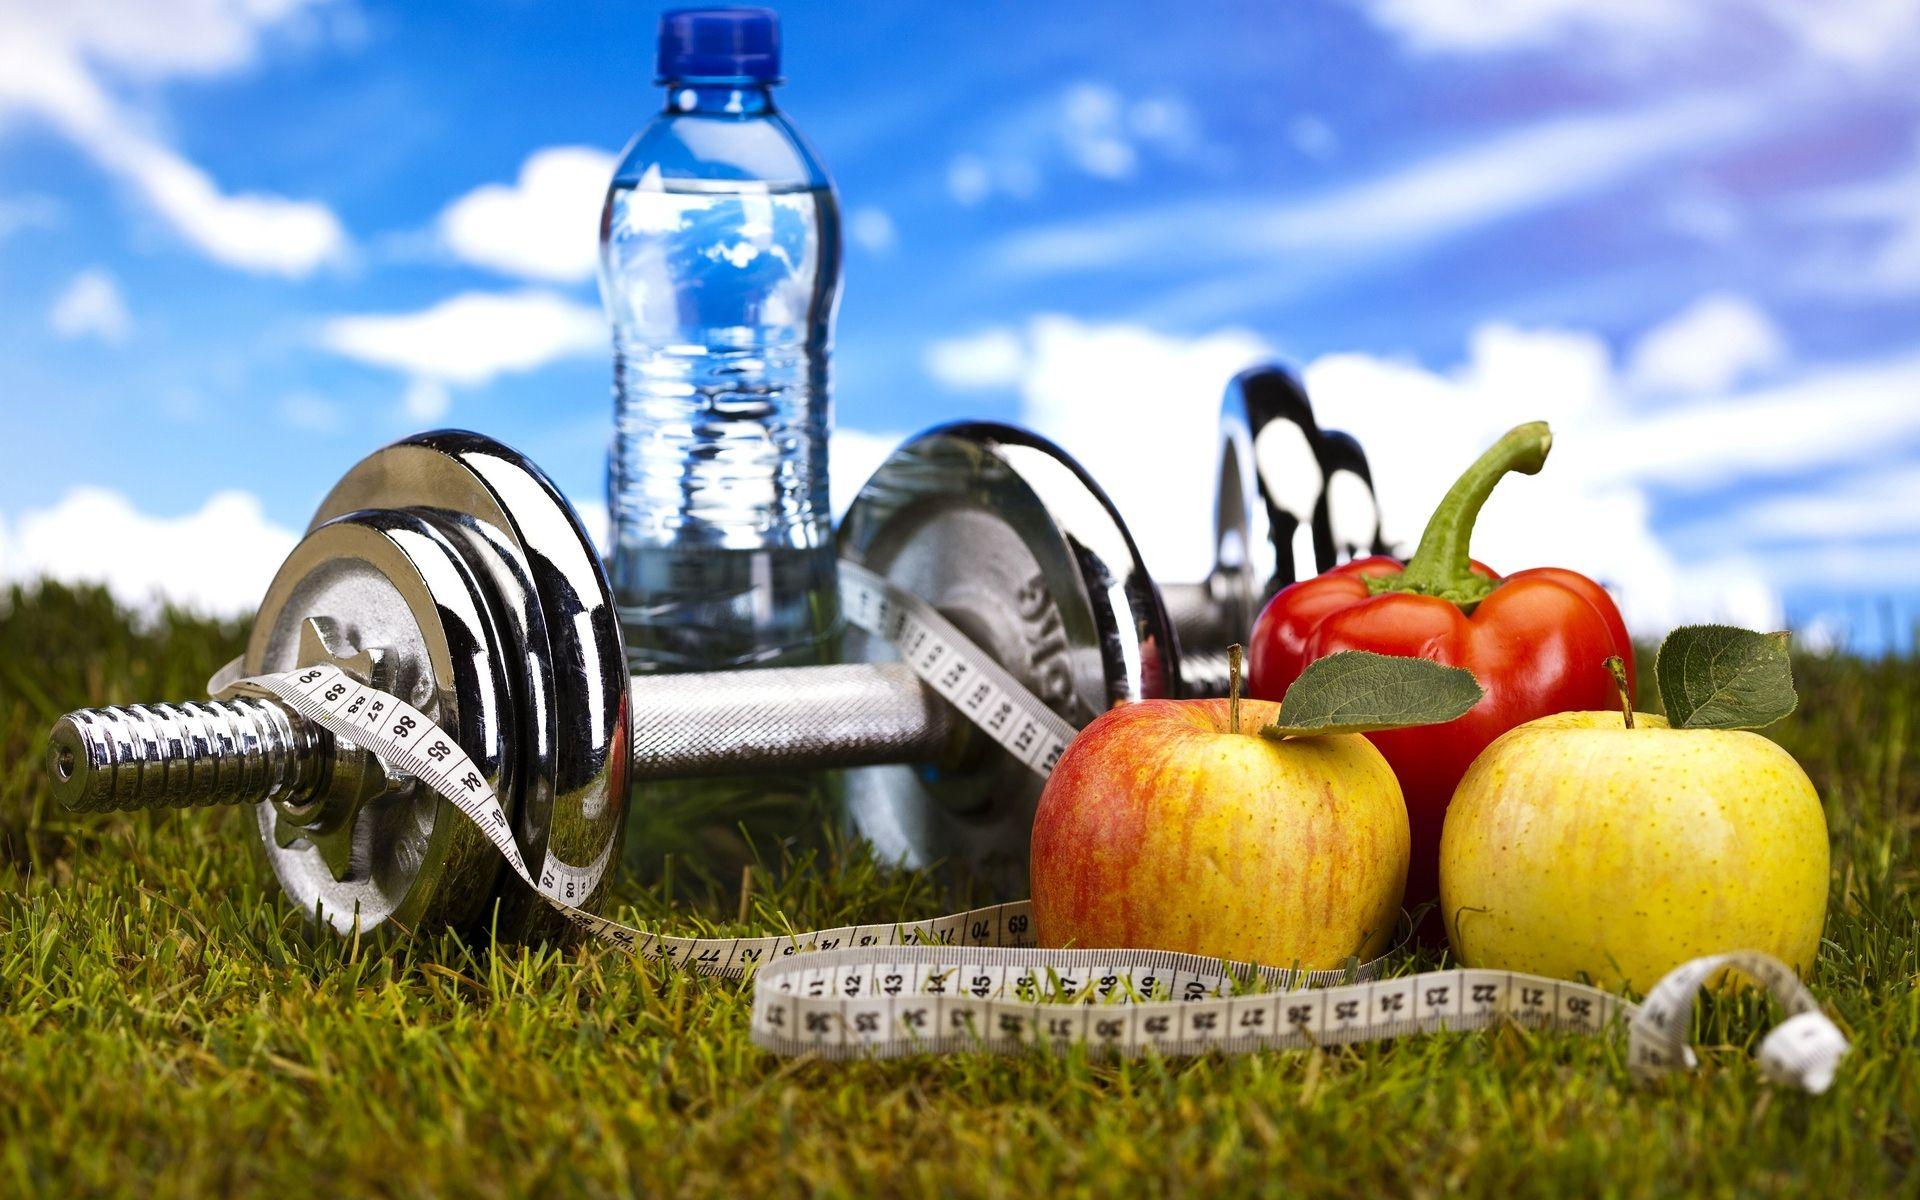 Men Body Fitness Download Desktop Wallpaper Images Pictures 1920x1200